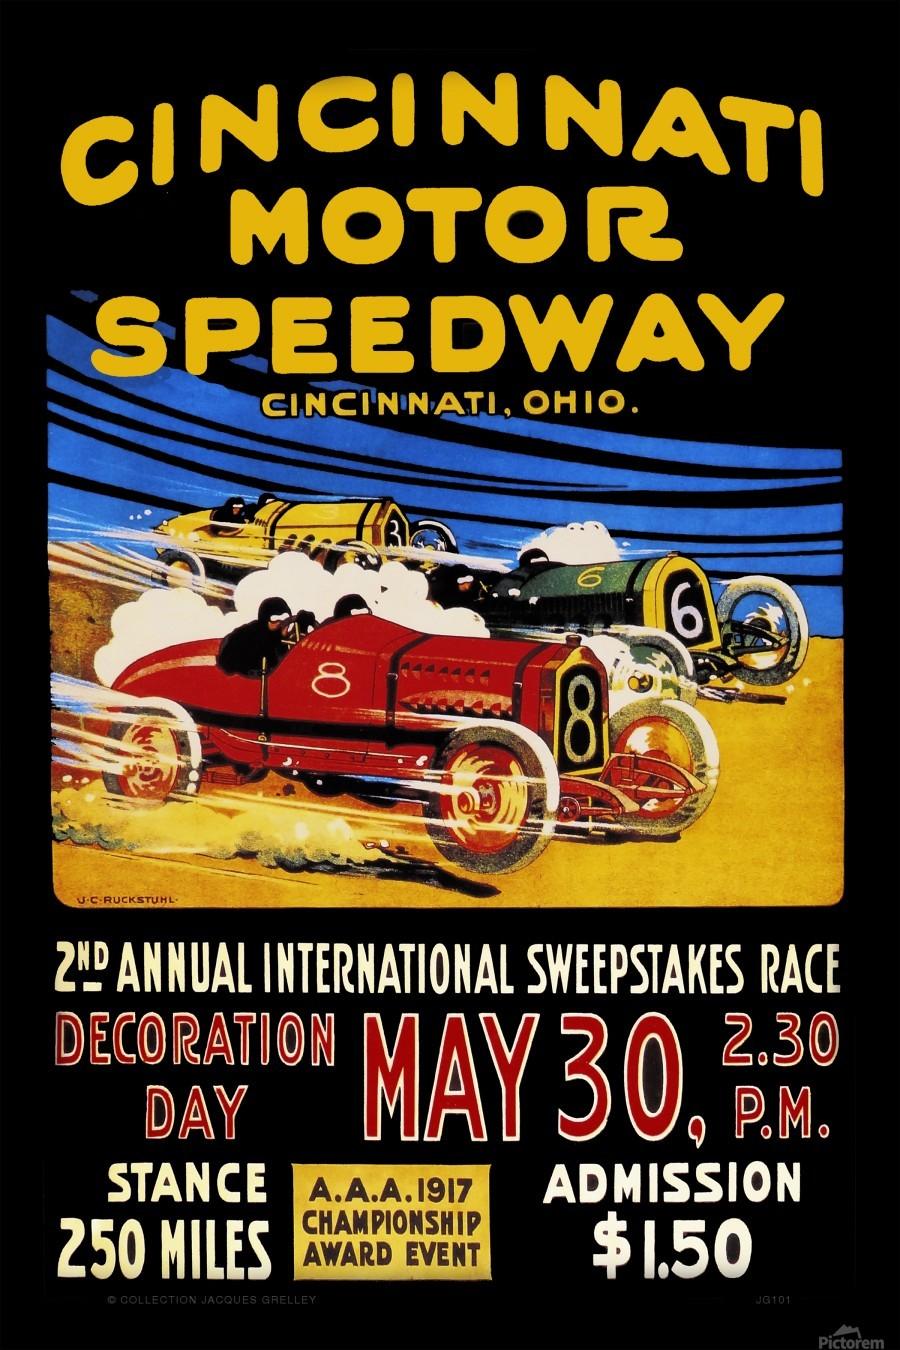 CincIInnati Motor Speedway 2nd Annual International Sweepstakes Race 1917  Print